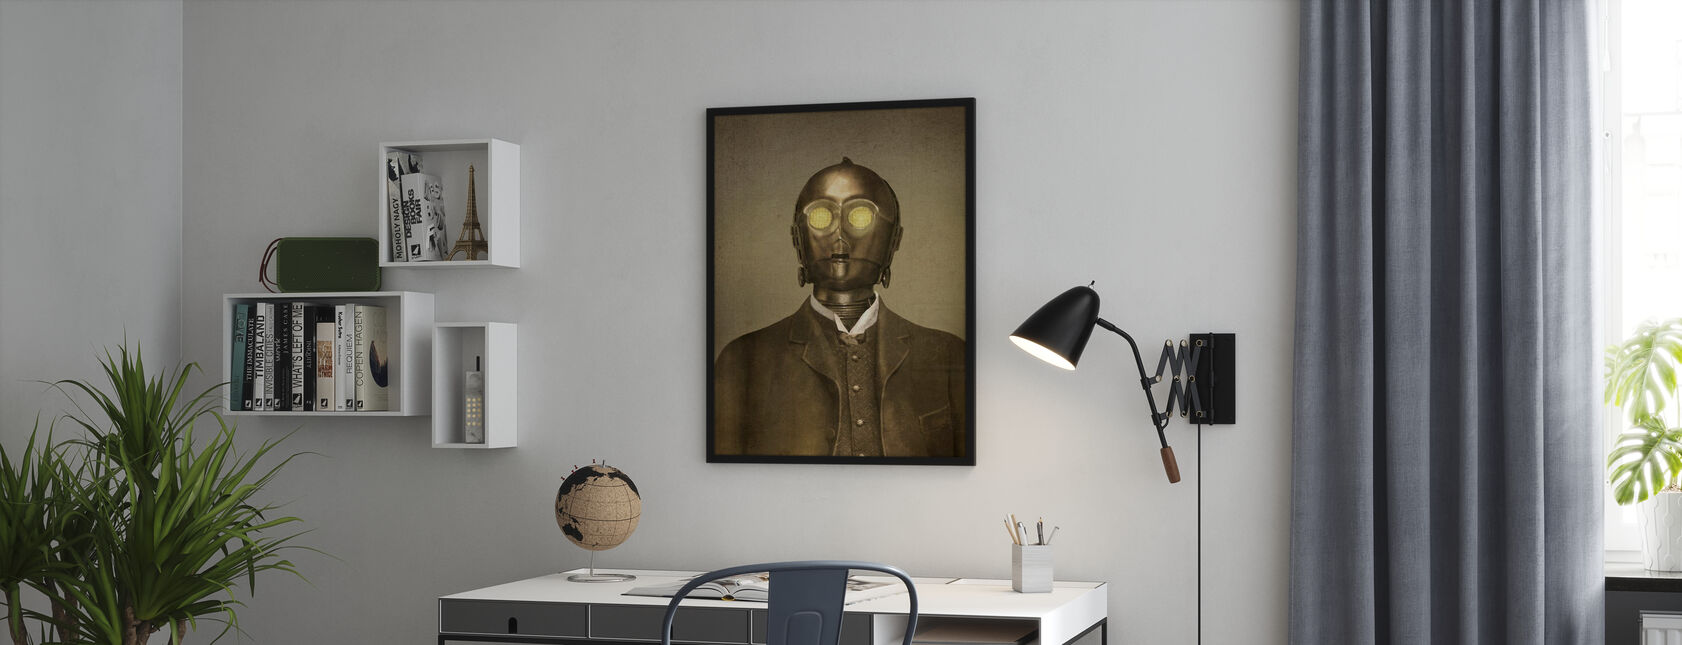 Victoriaanse oorlogen Baron von 3PO - Poster - Kantoor